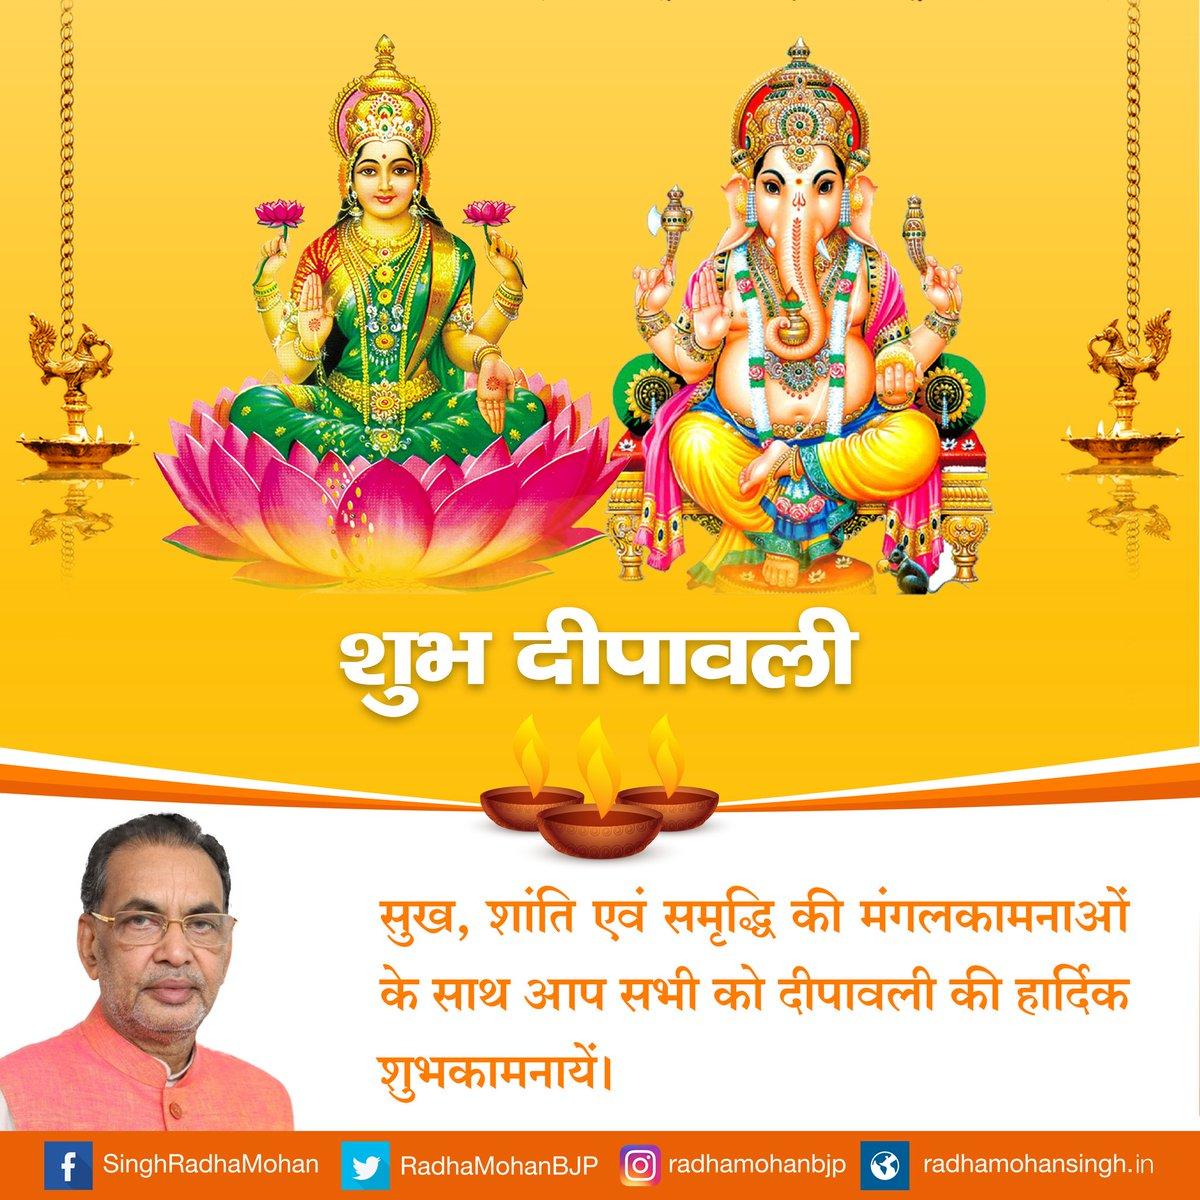 सुख, शांति एवं समृद्धि की मंगलकामनाओं के साथ आप सभी को दीपावली की हार्...